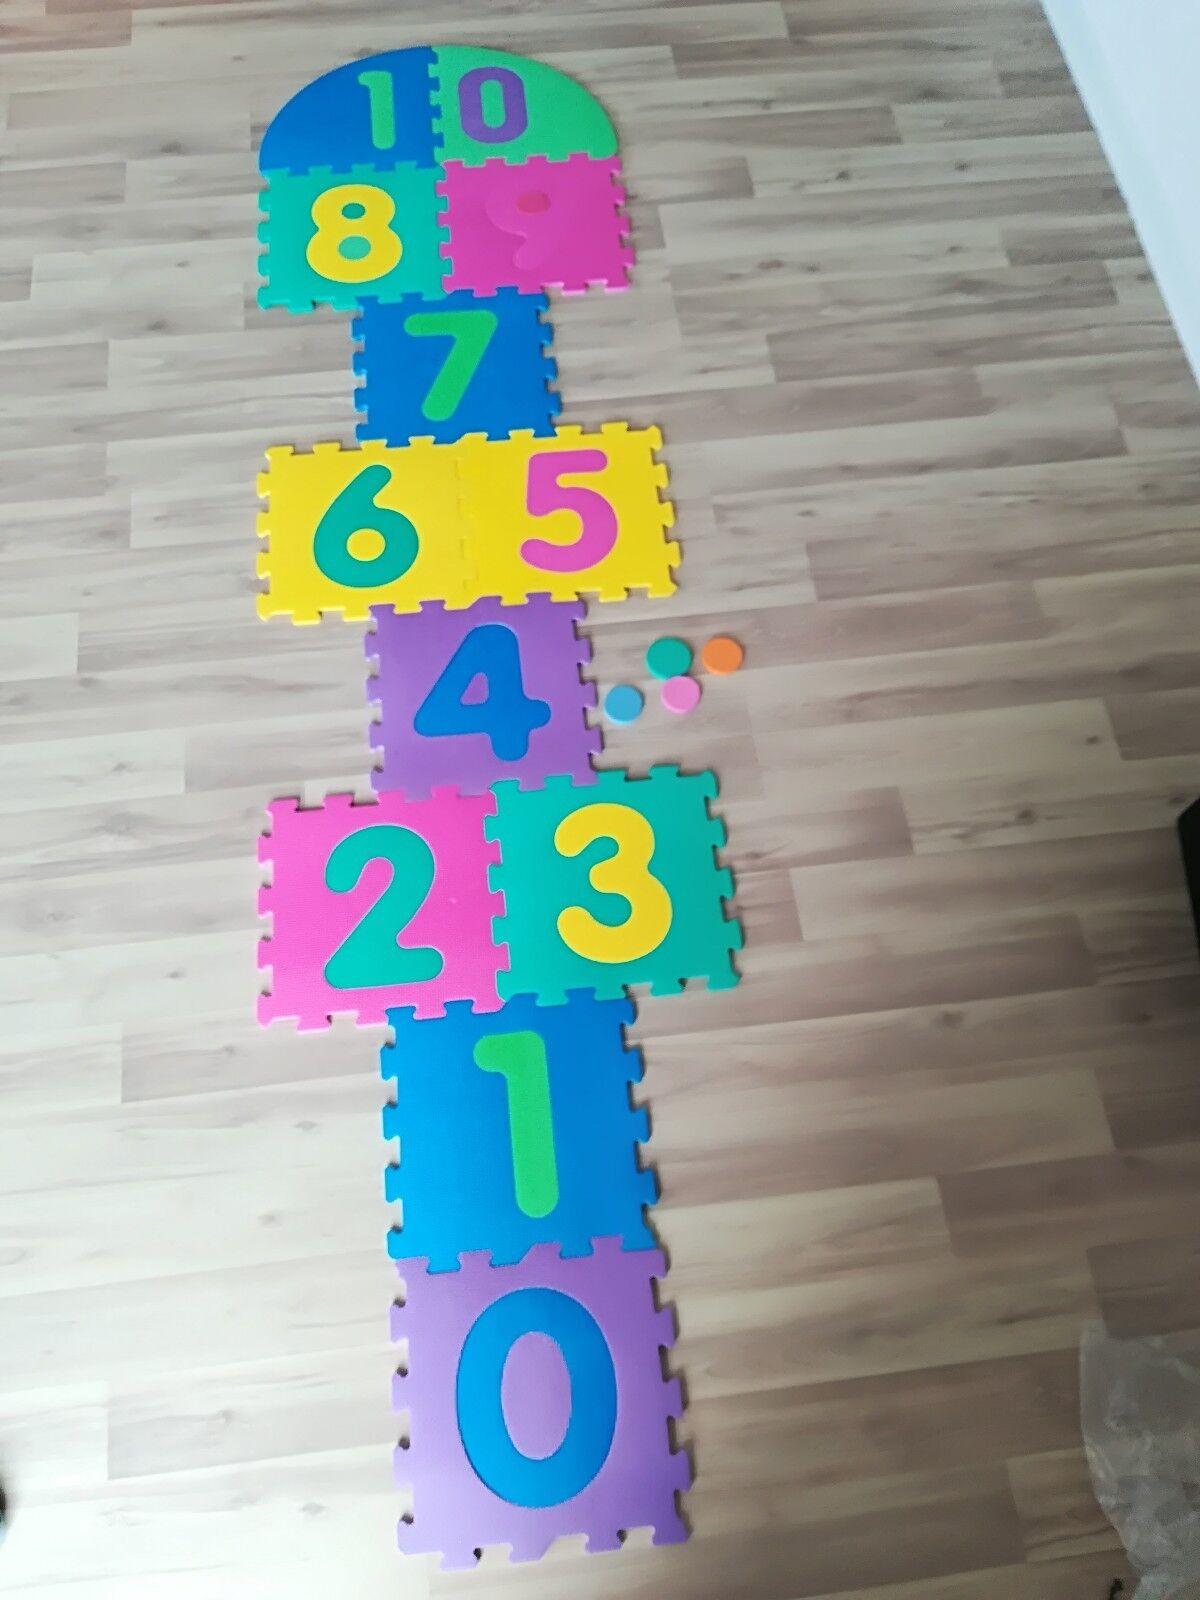 12tlg. Puzzlematte Spielmatte Bodenmatte Spielteppich Nummer